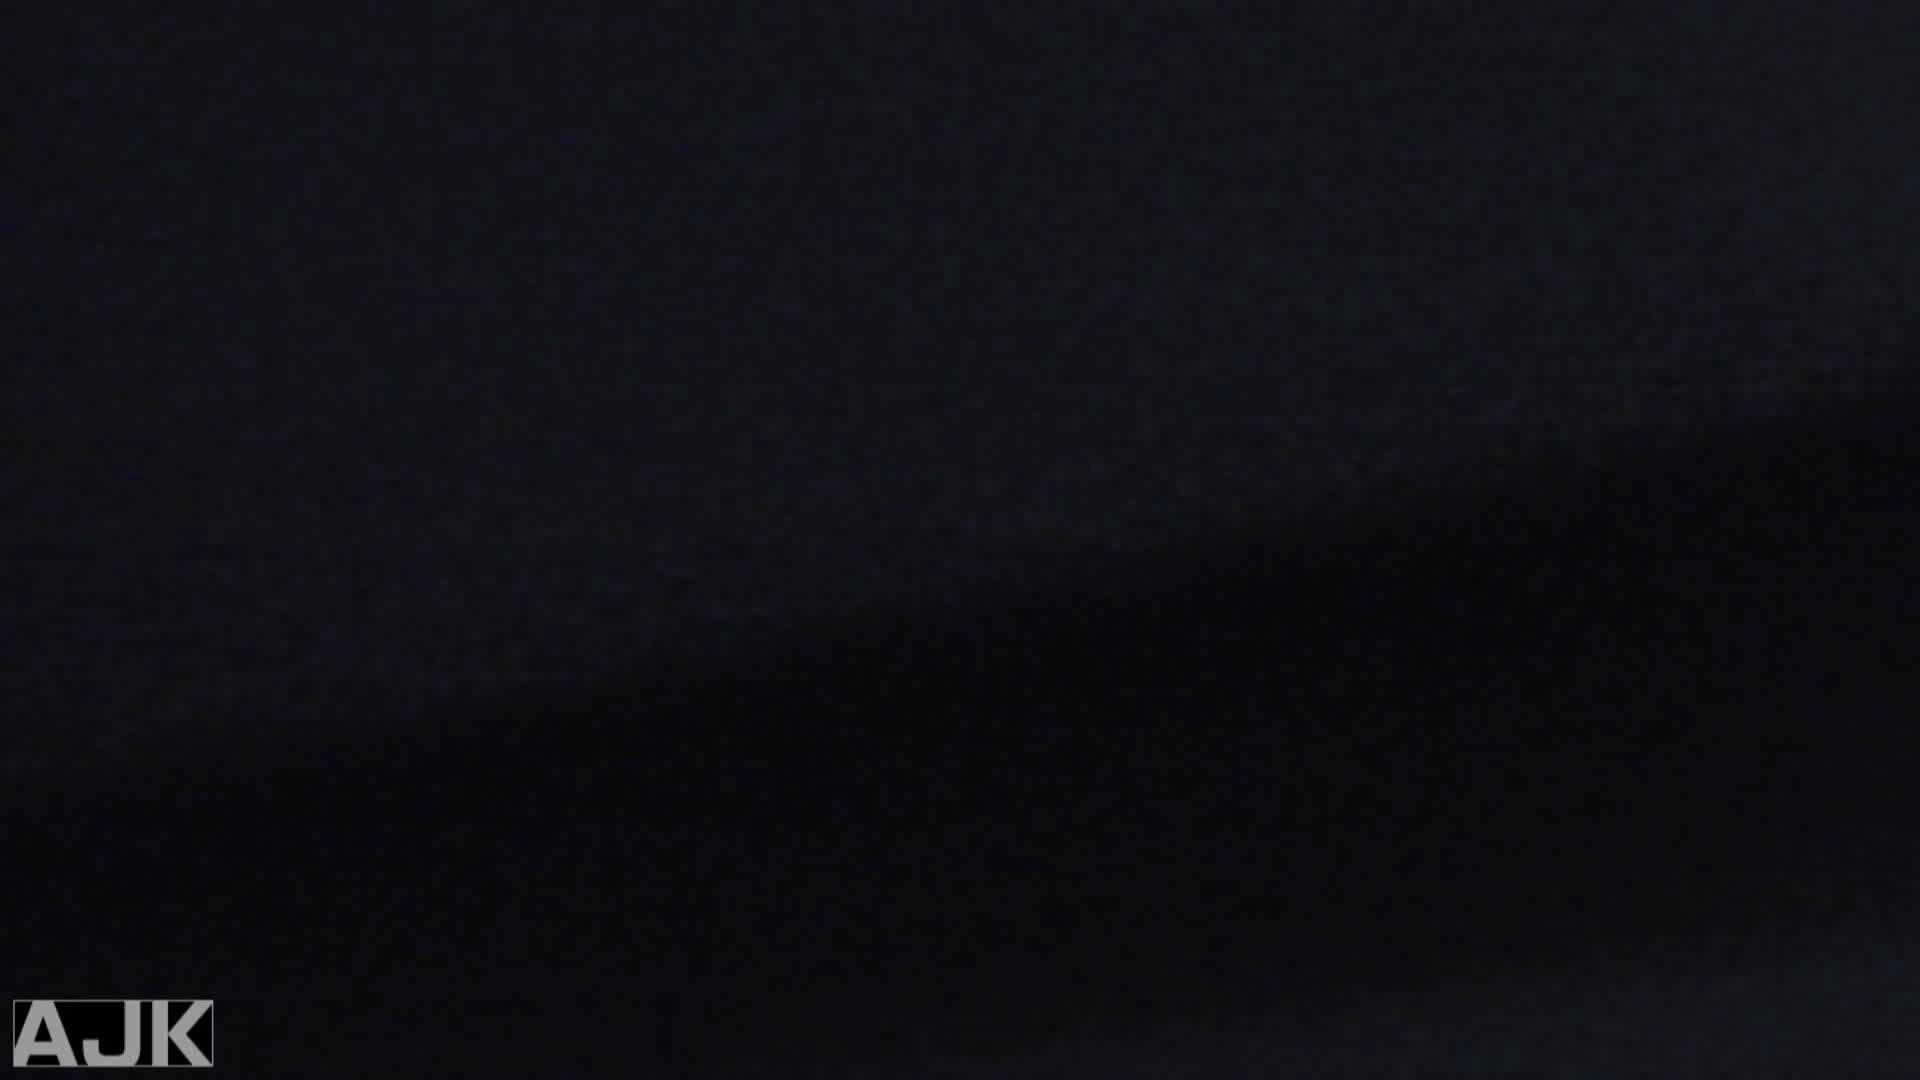 神降臨!史上最強の潜入かわや! vol.21 オマンコ | 盗撮  76pic 65